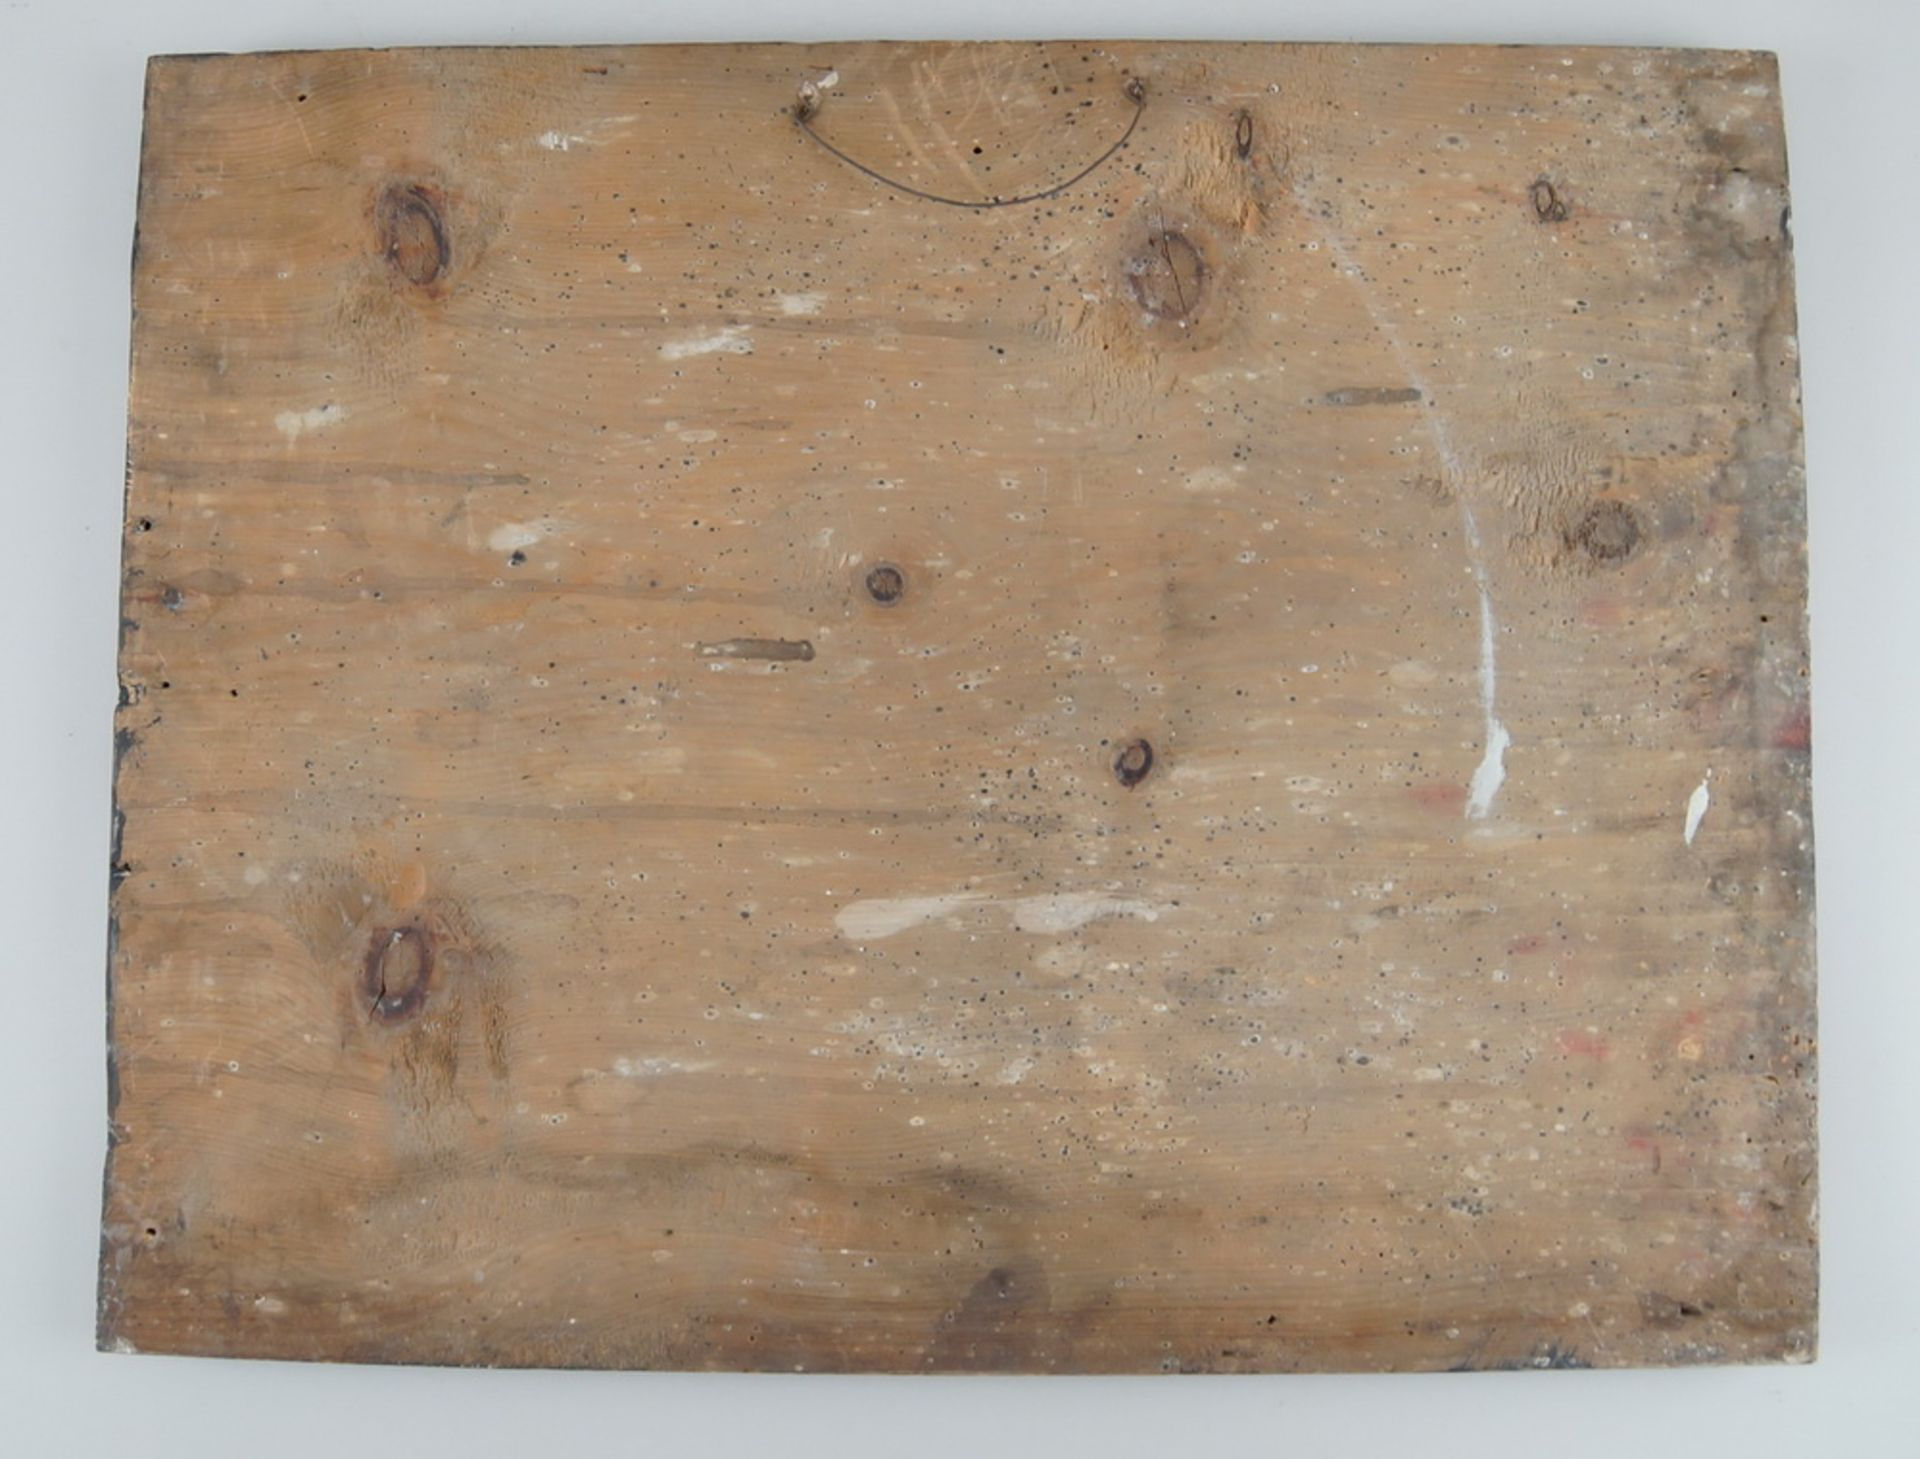 Grosse Votivtafel, Holz bemalt, datiert 1801 mit Sinnspruch, 45,5x58cm - Bild 5 aus 5